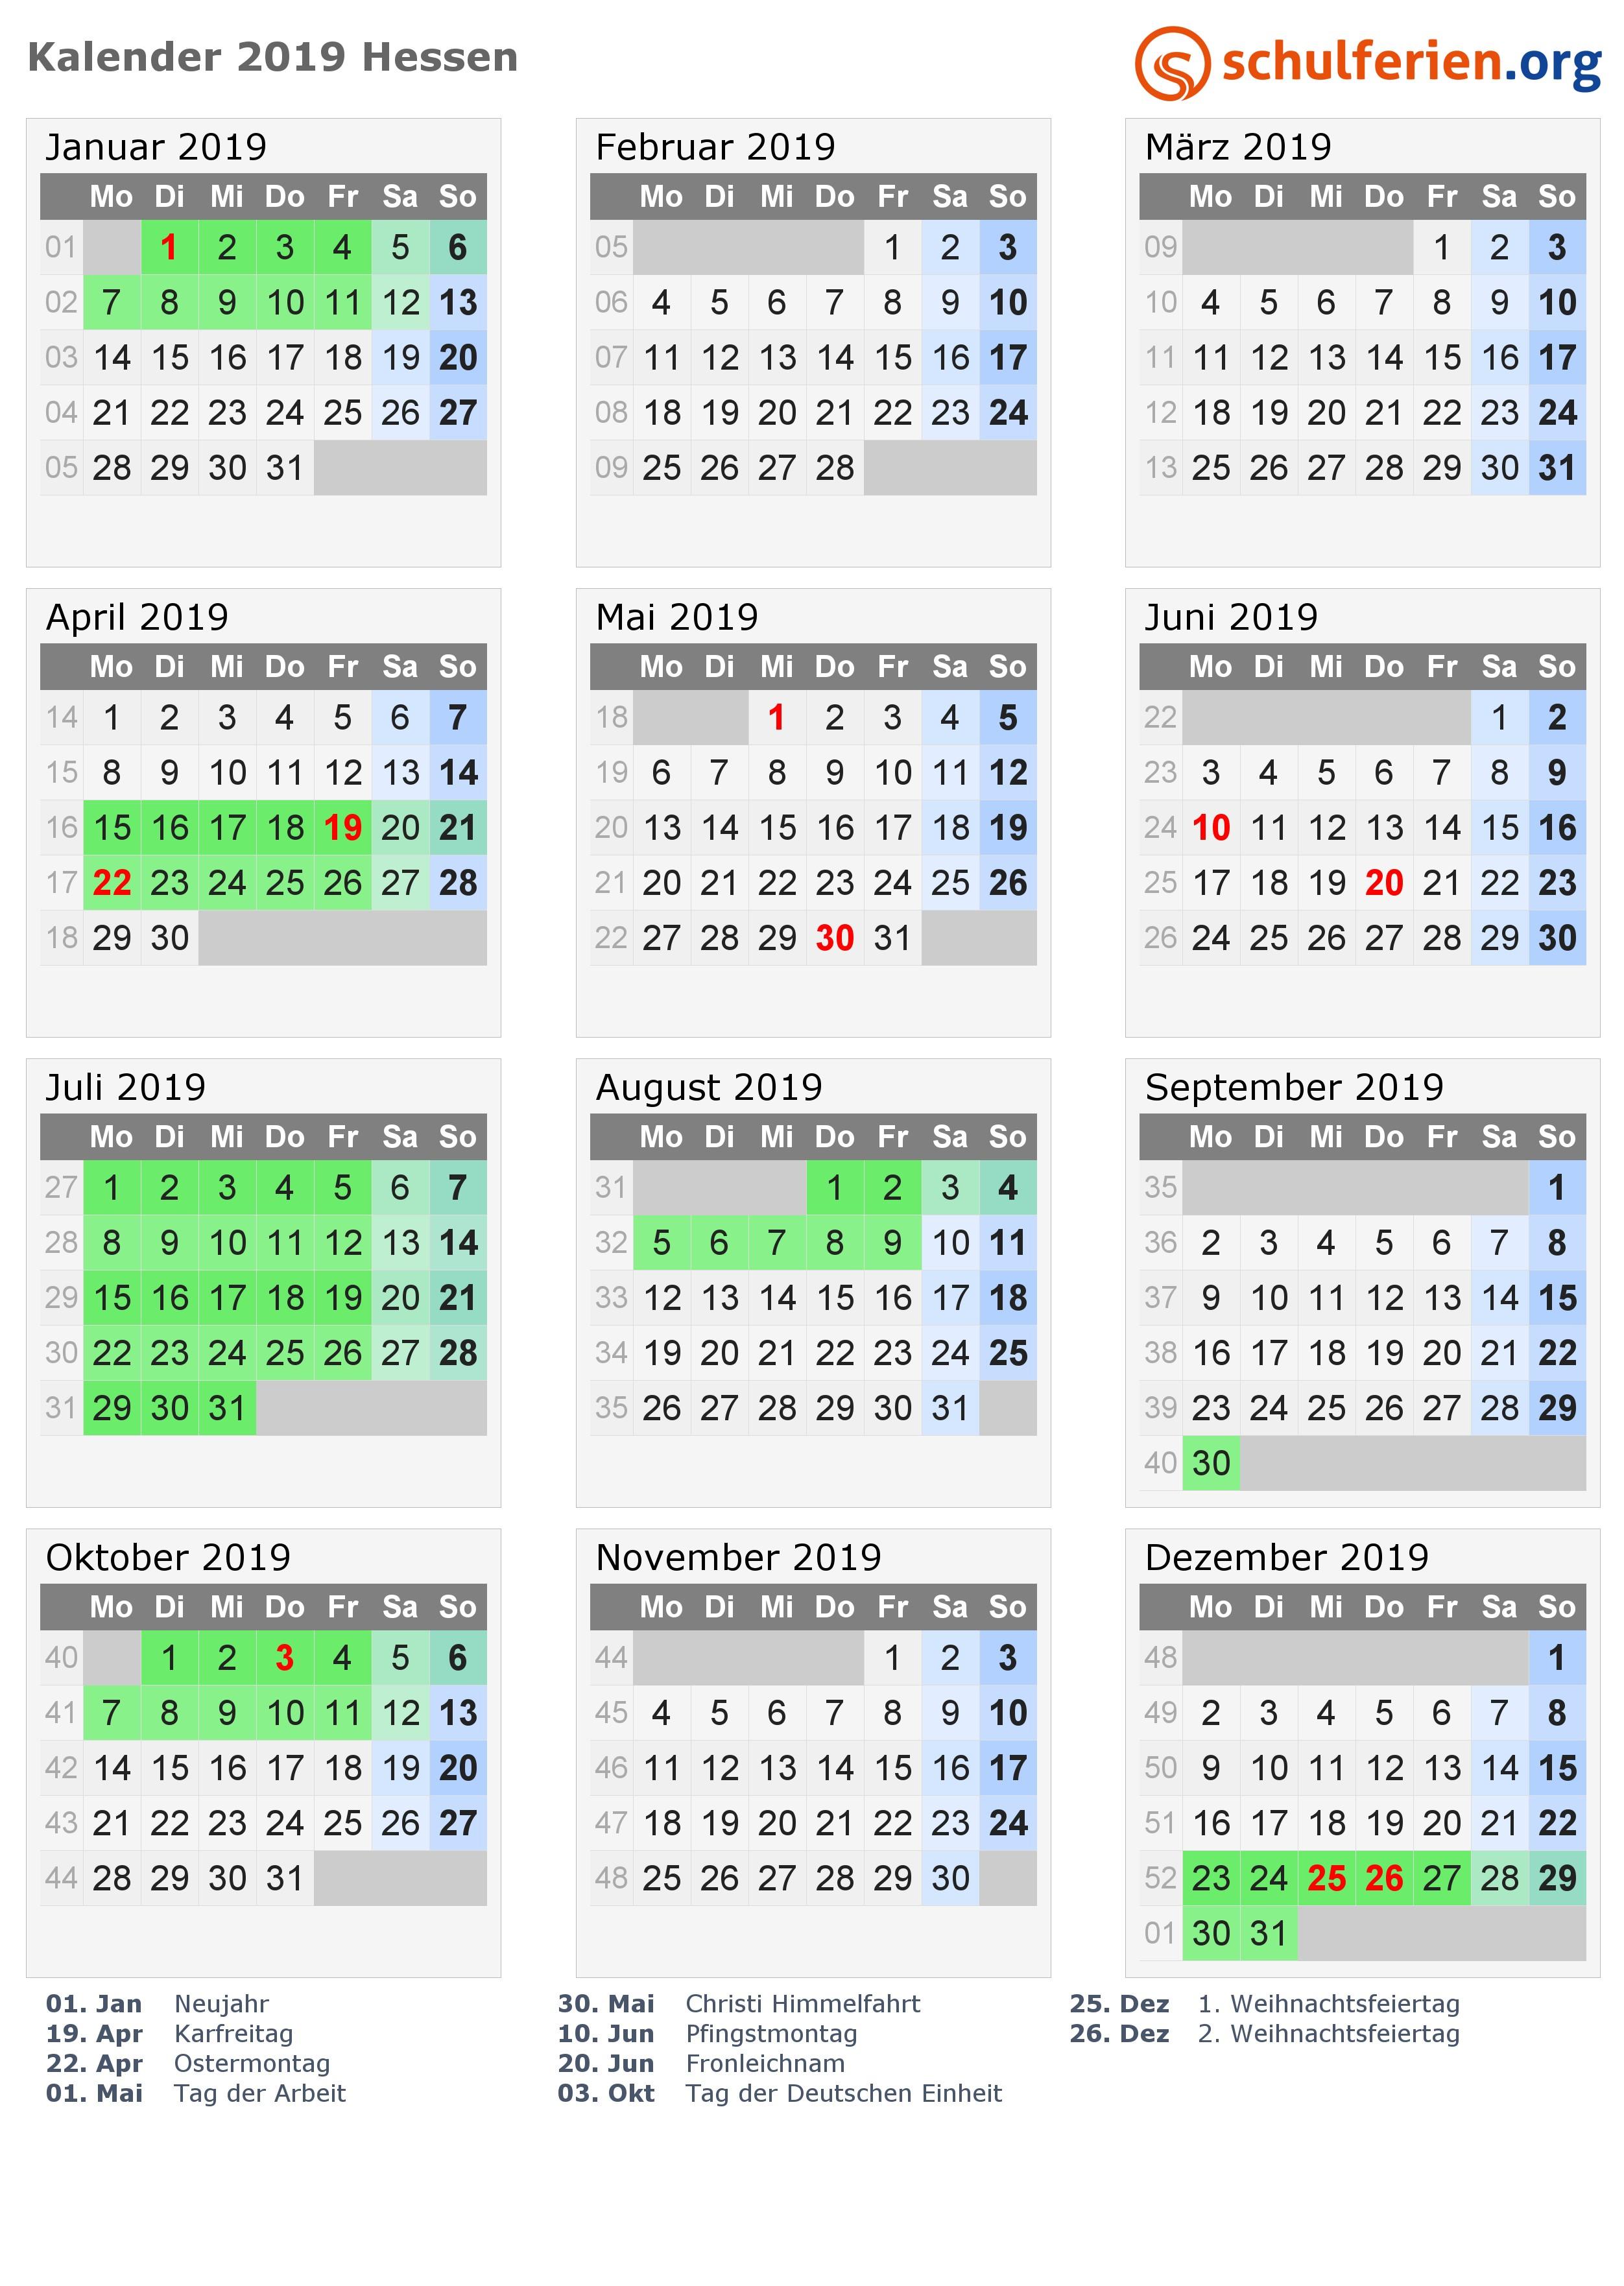 Kalender 2019 mit Ferien und Feiertagen Hessen